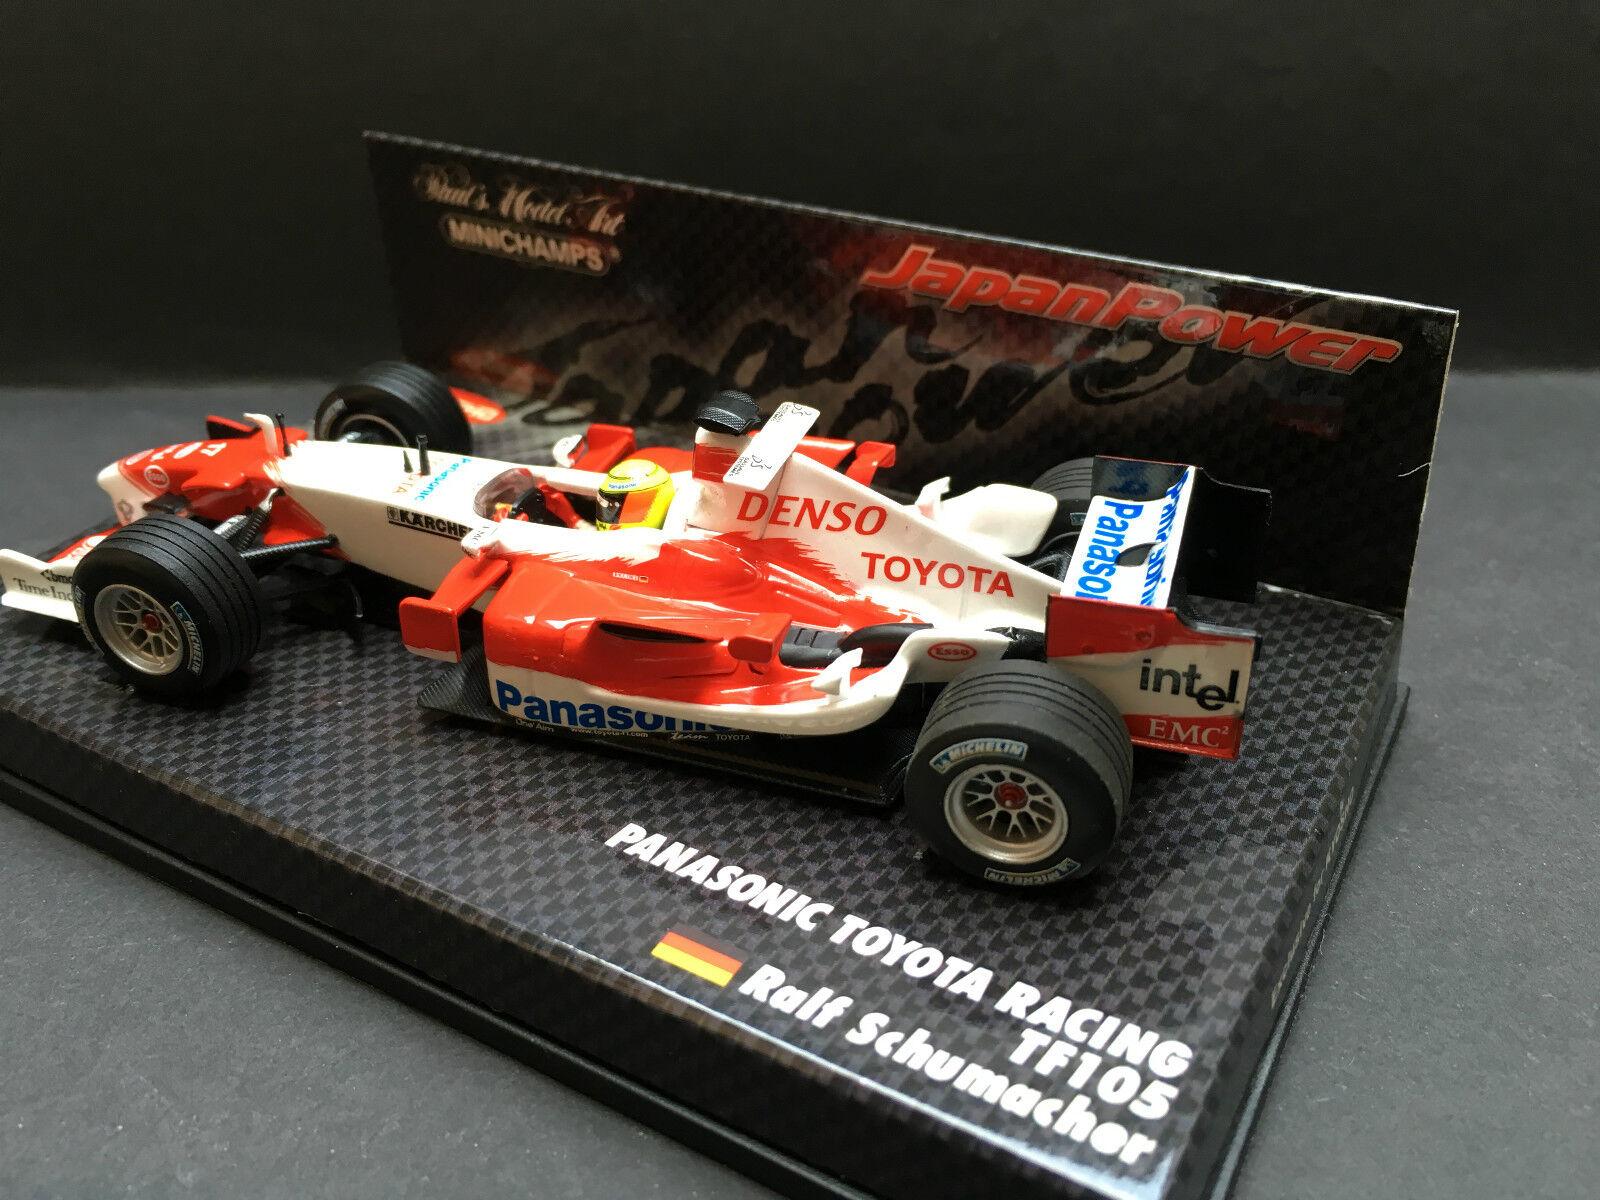 Minichamps - Ralph Schumacher - Toyota  - TF105 - - - 1 43-2005 -Japan Power Special 1f1a2b